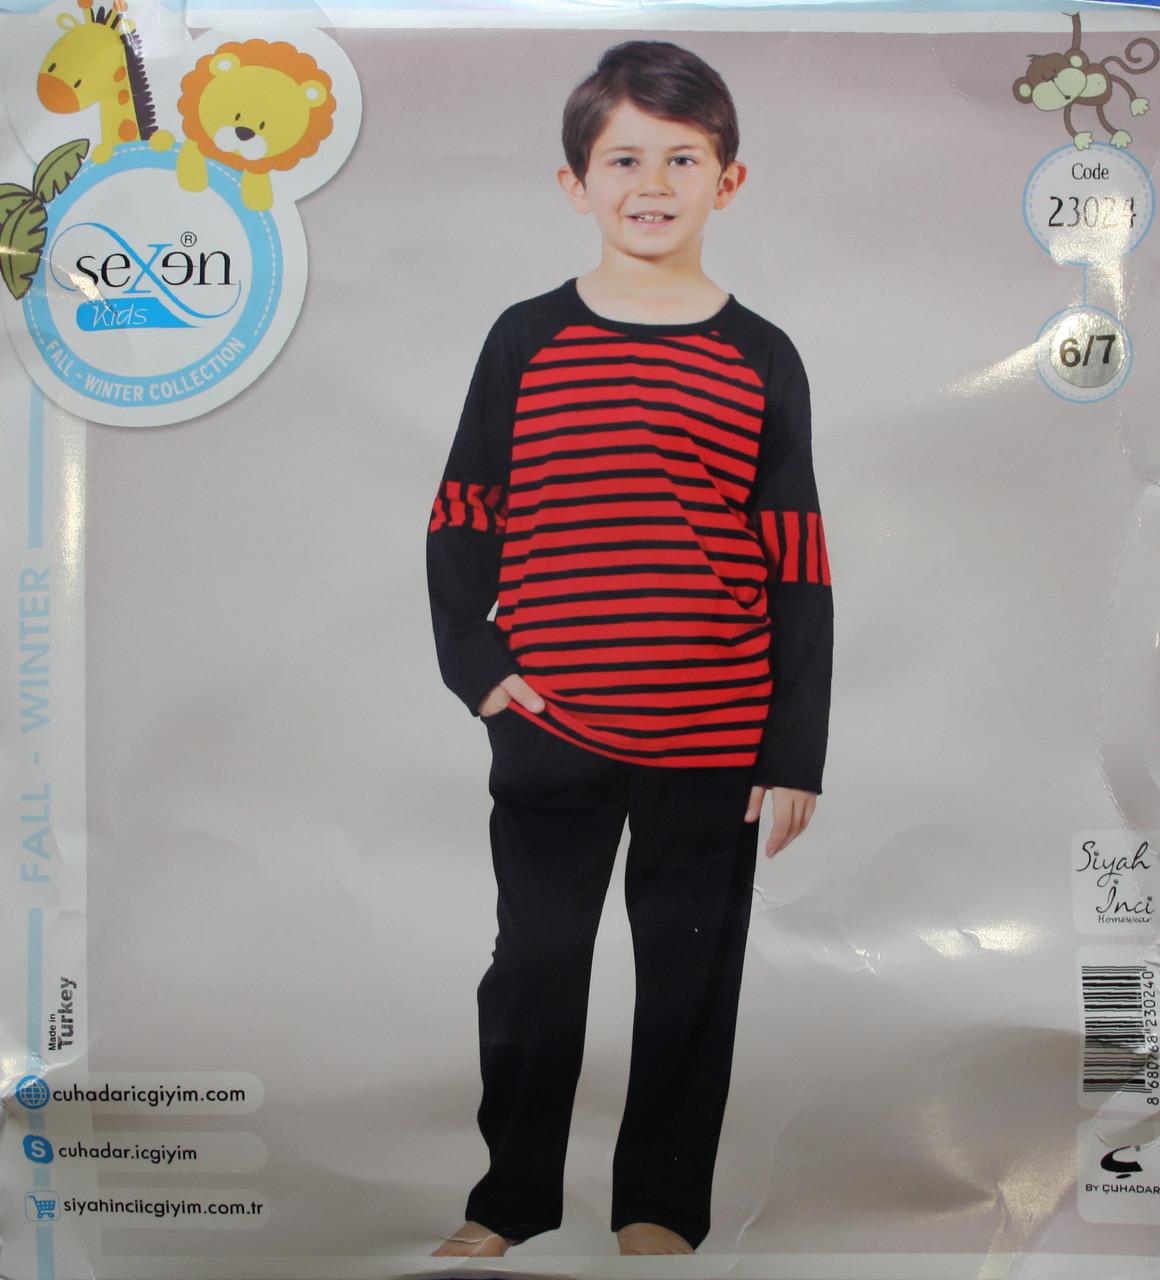 Детская пижама для мальчика SEXEN 23024